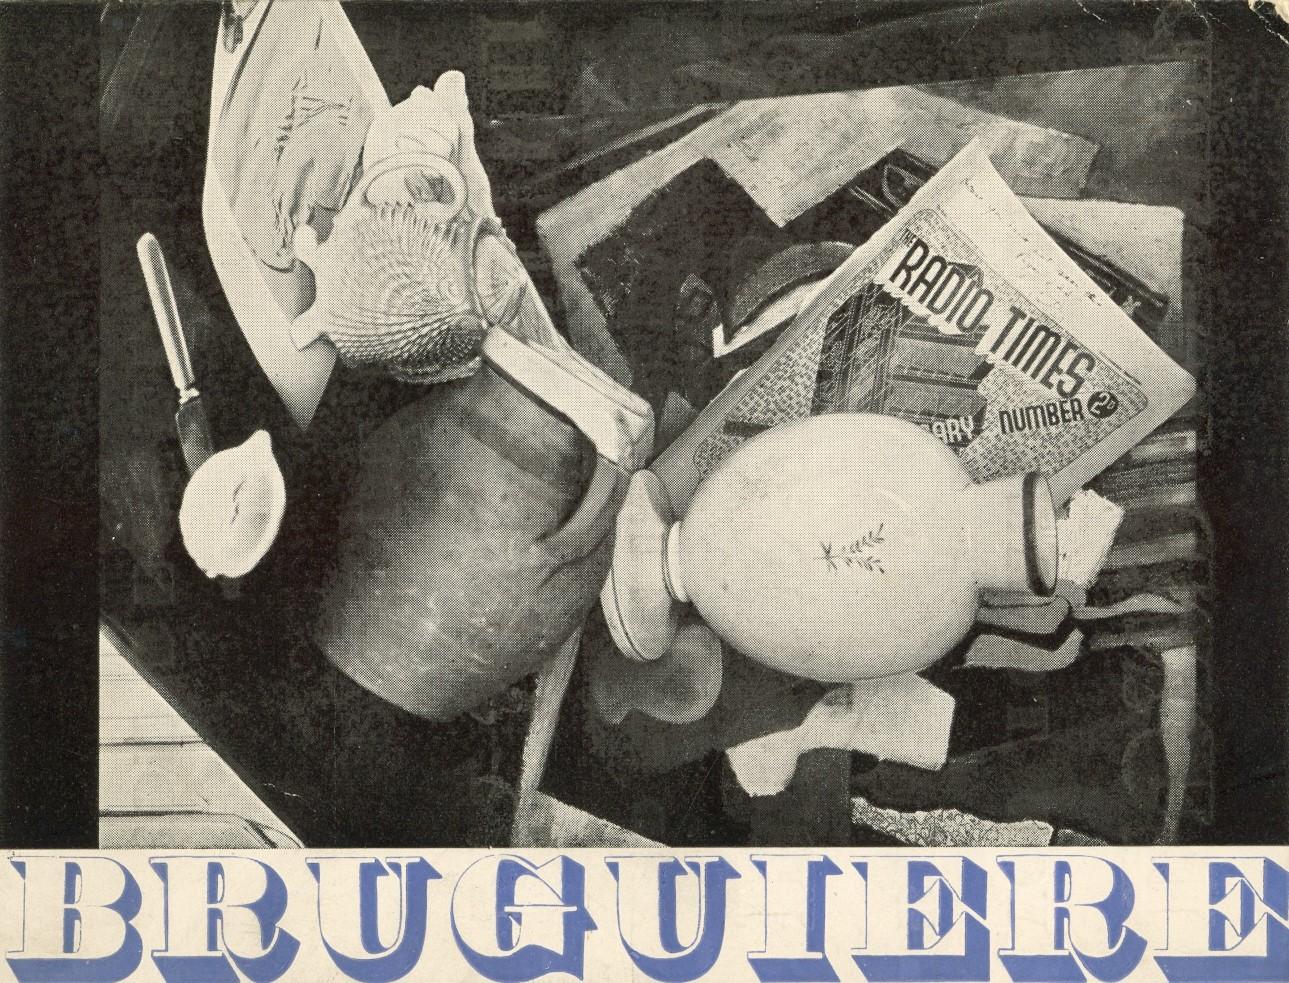 Lot 276 - BRUGUIERE FRANCIS: (1879-1945) American